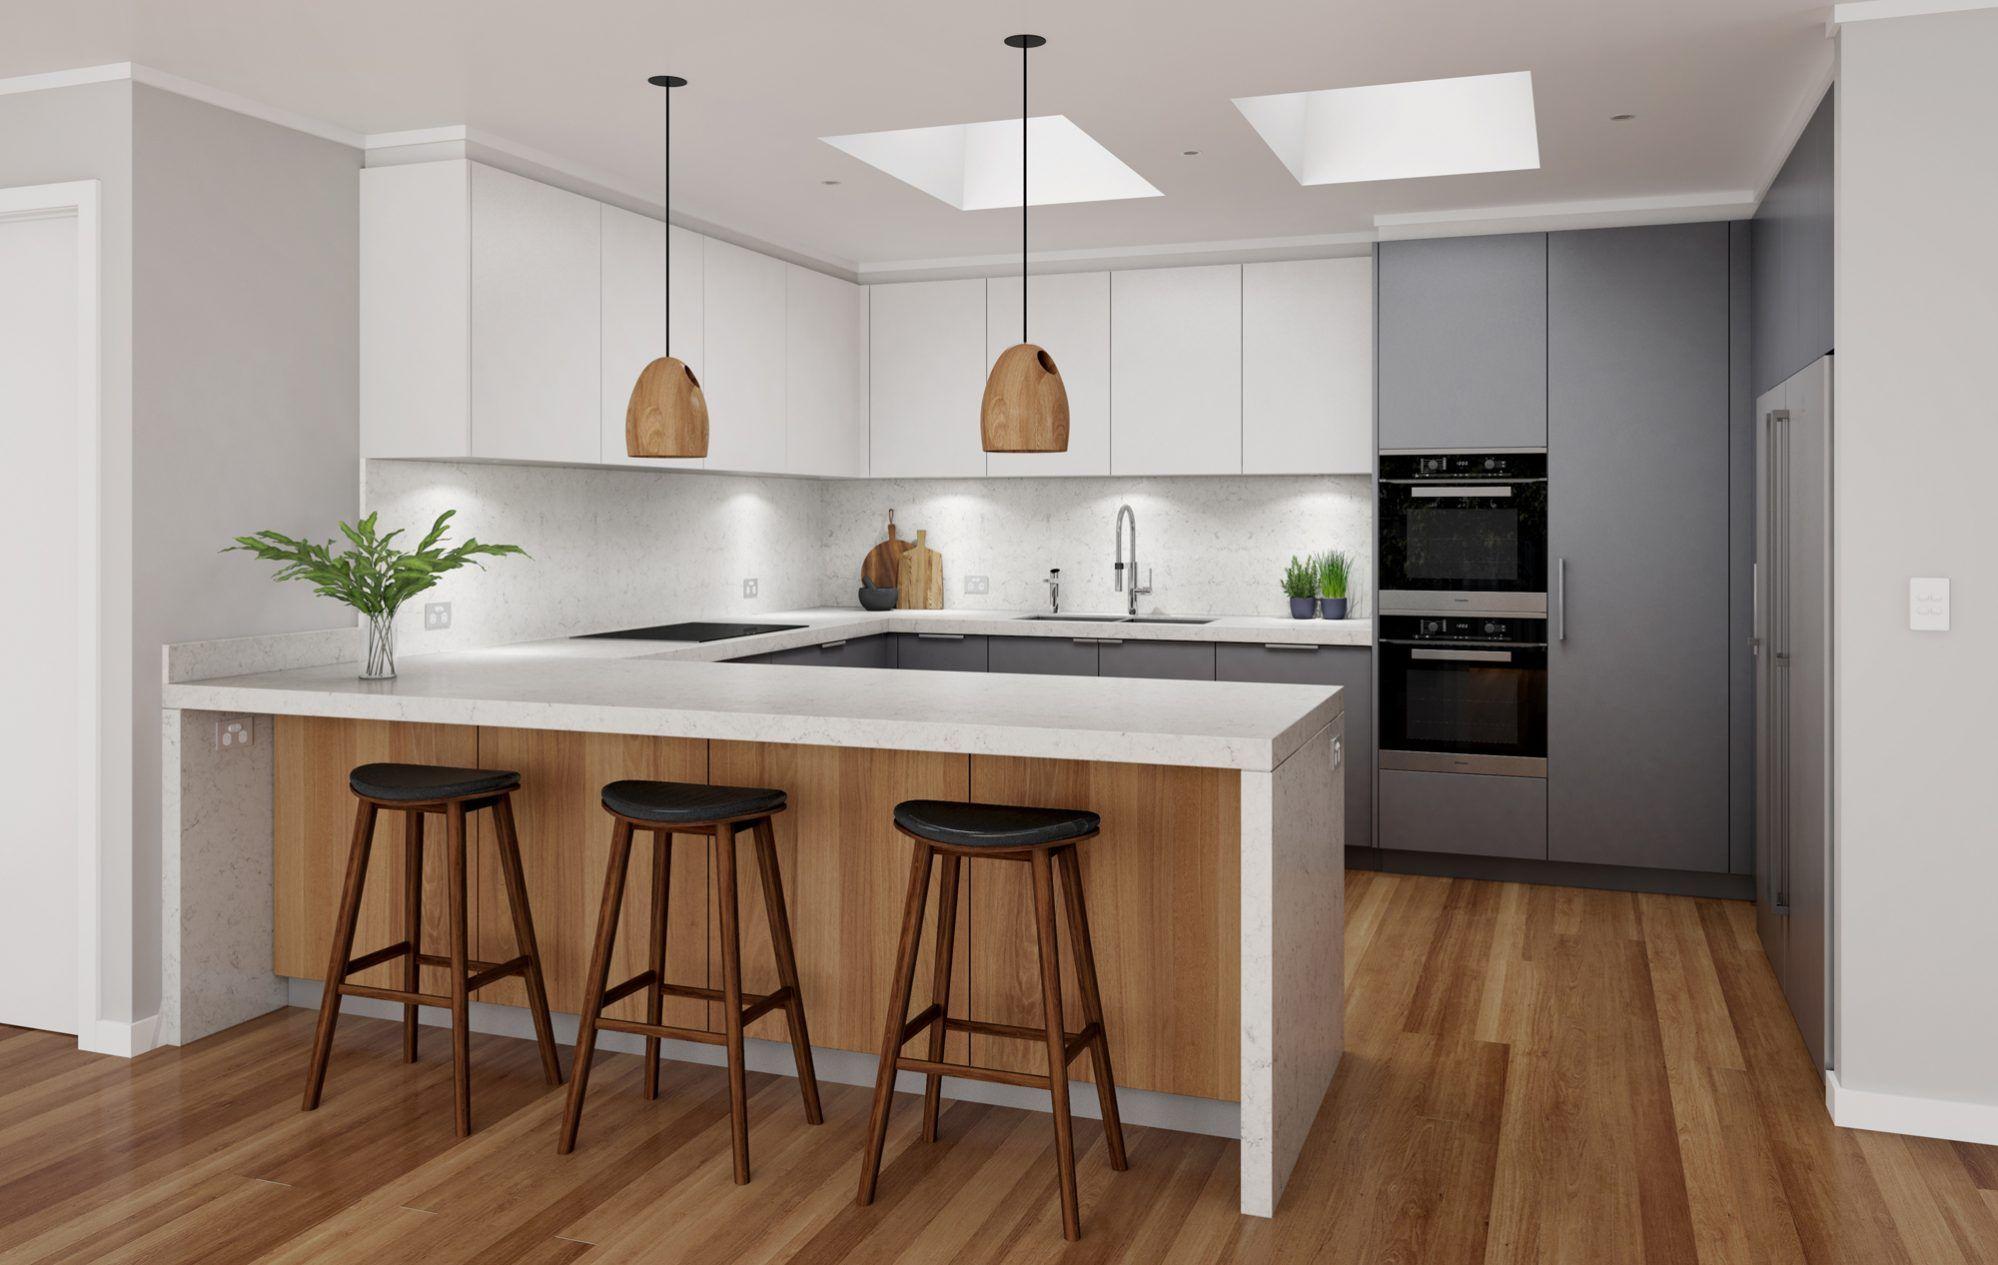 Modern Luxury Kitchen Designs Luxury Kitchen Designs Dan Kitchens Free Kitchen Design Interior Design Kitchen Kitchen Design Small